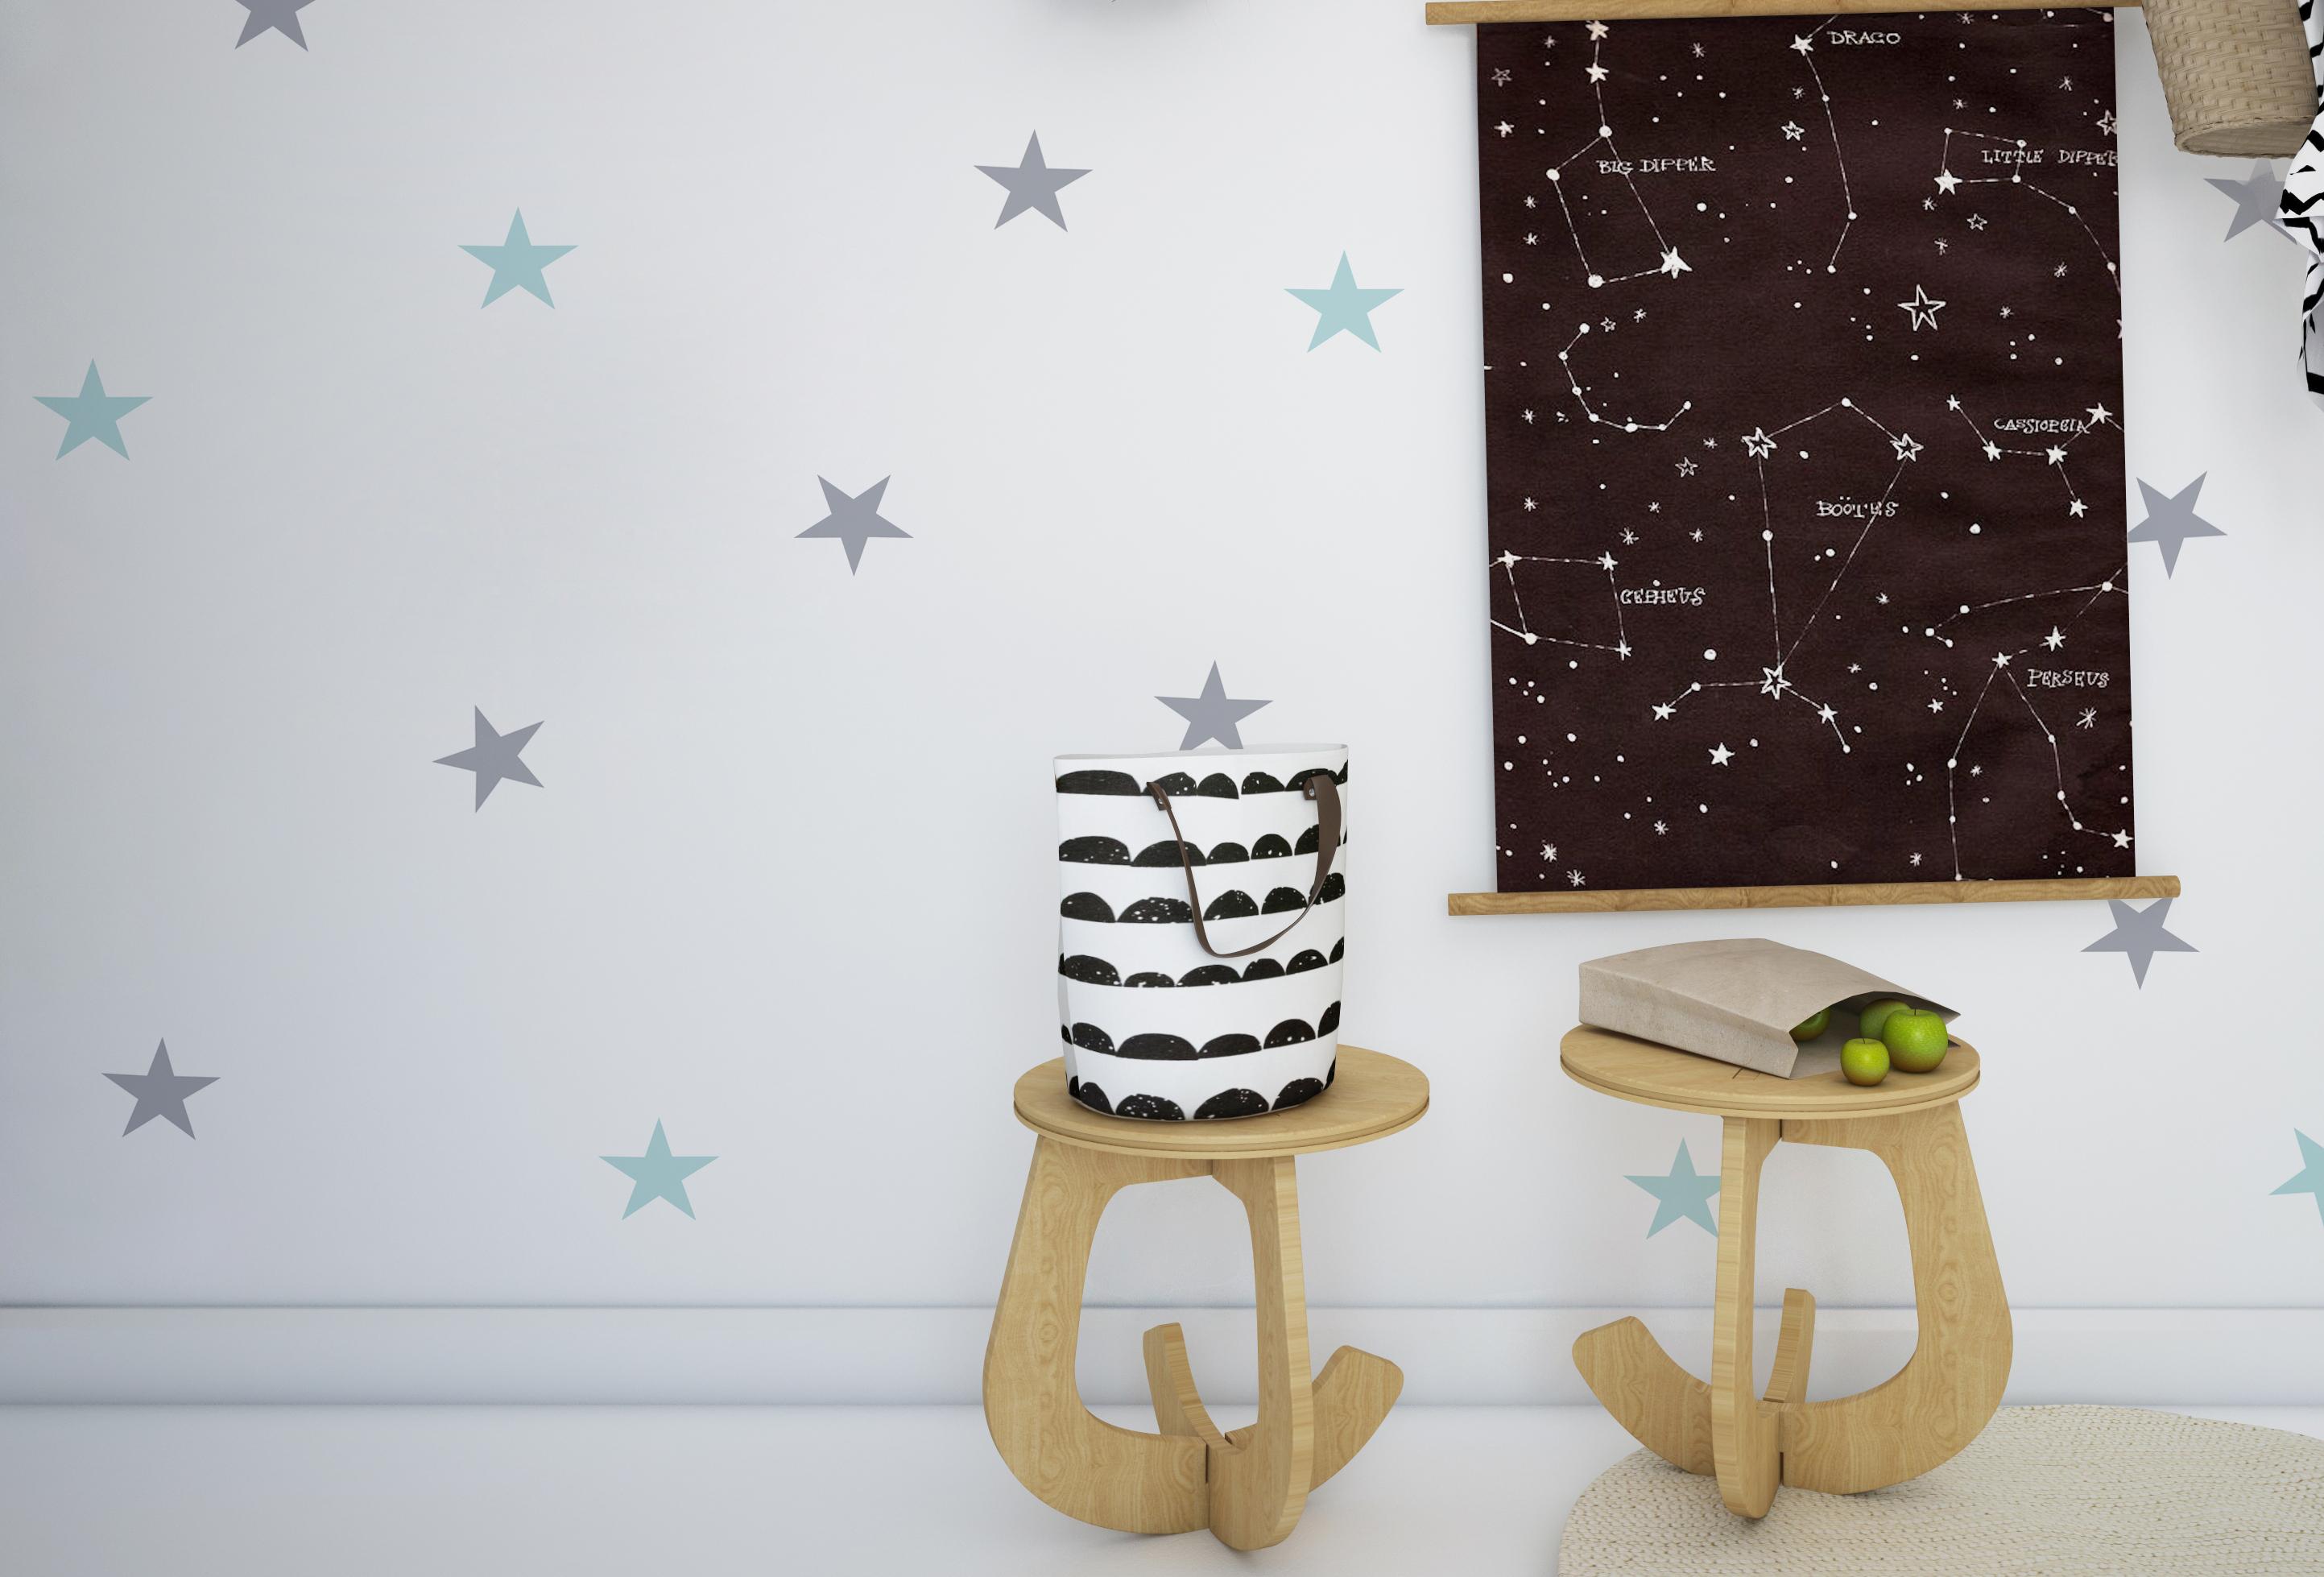 Naklejki ścienne Stars - szare,czarne,miętowe